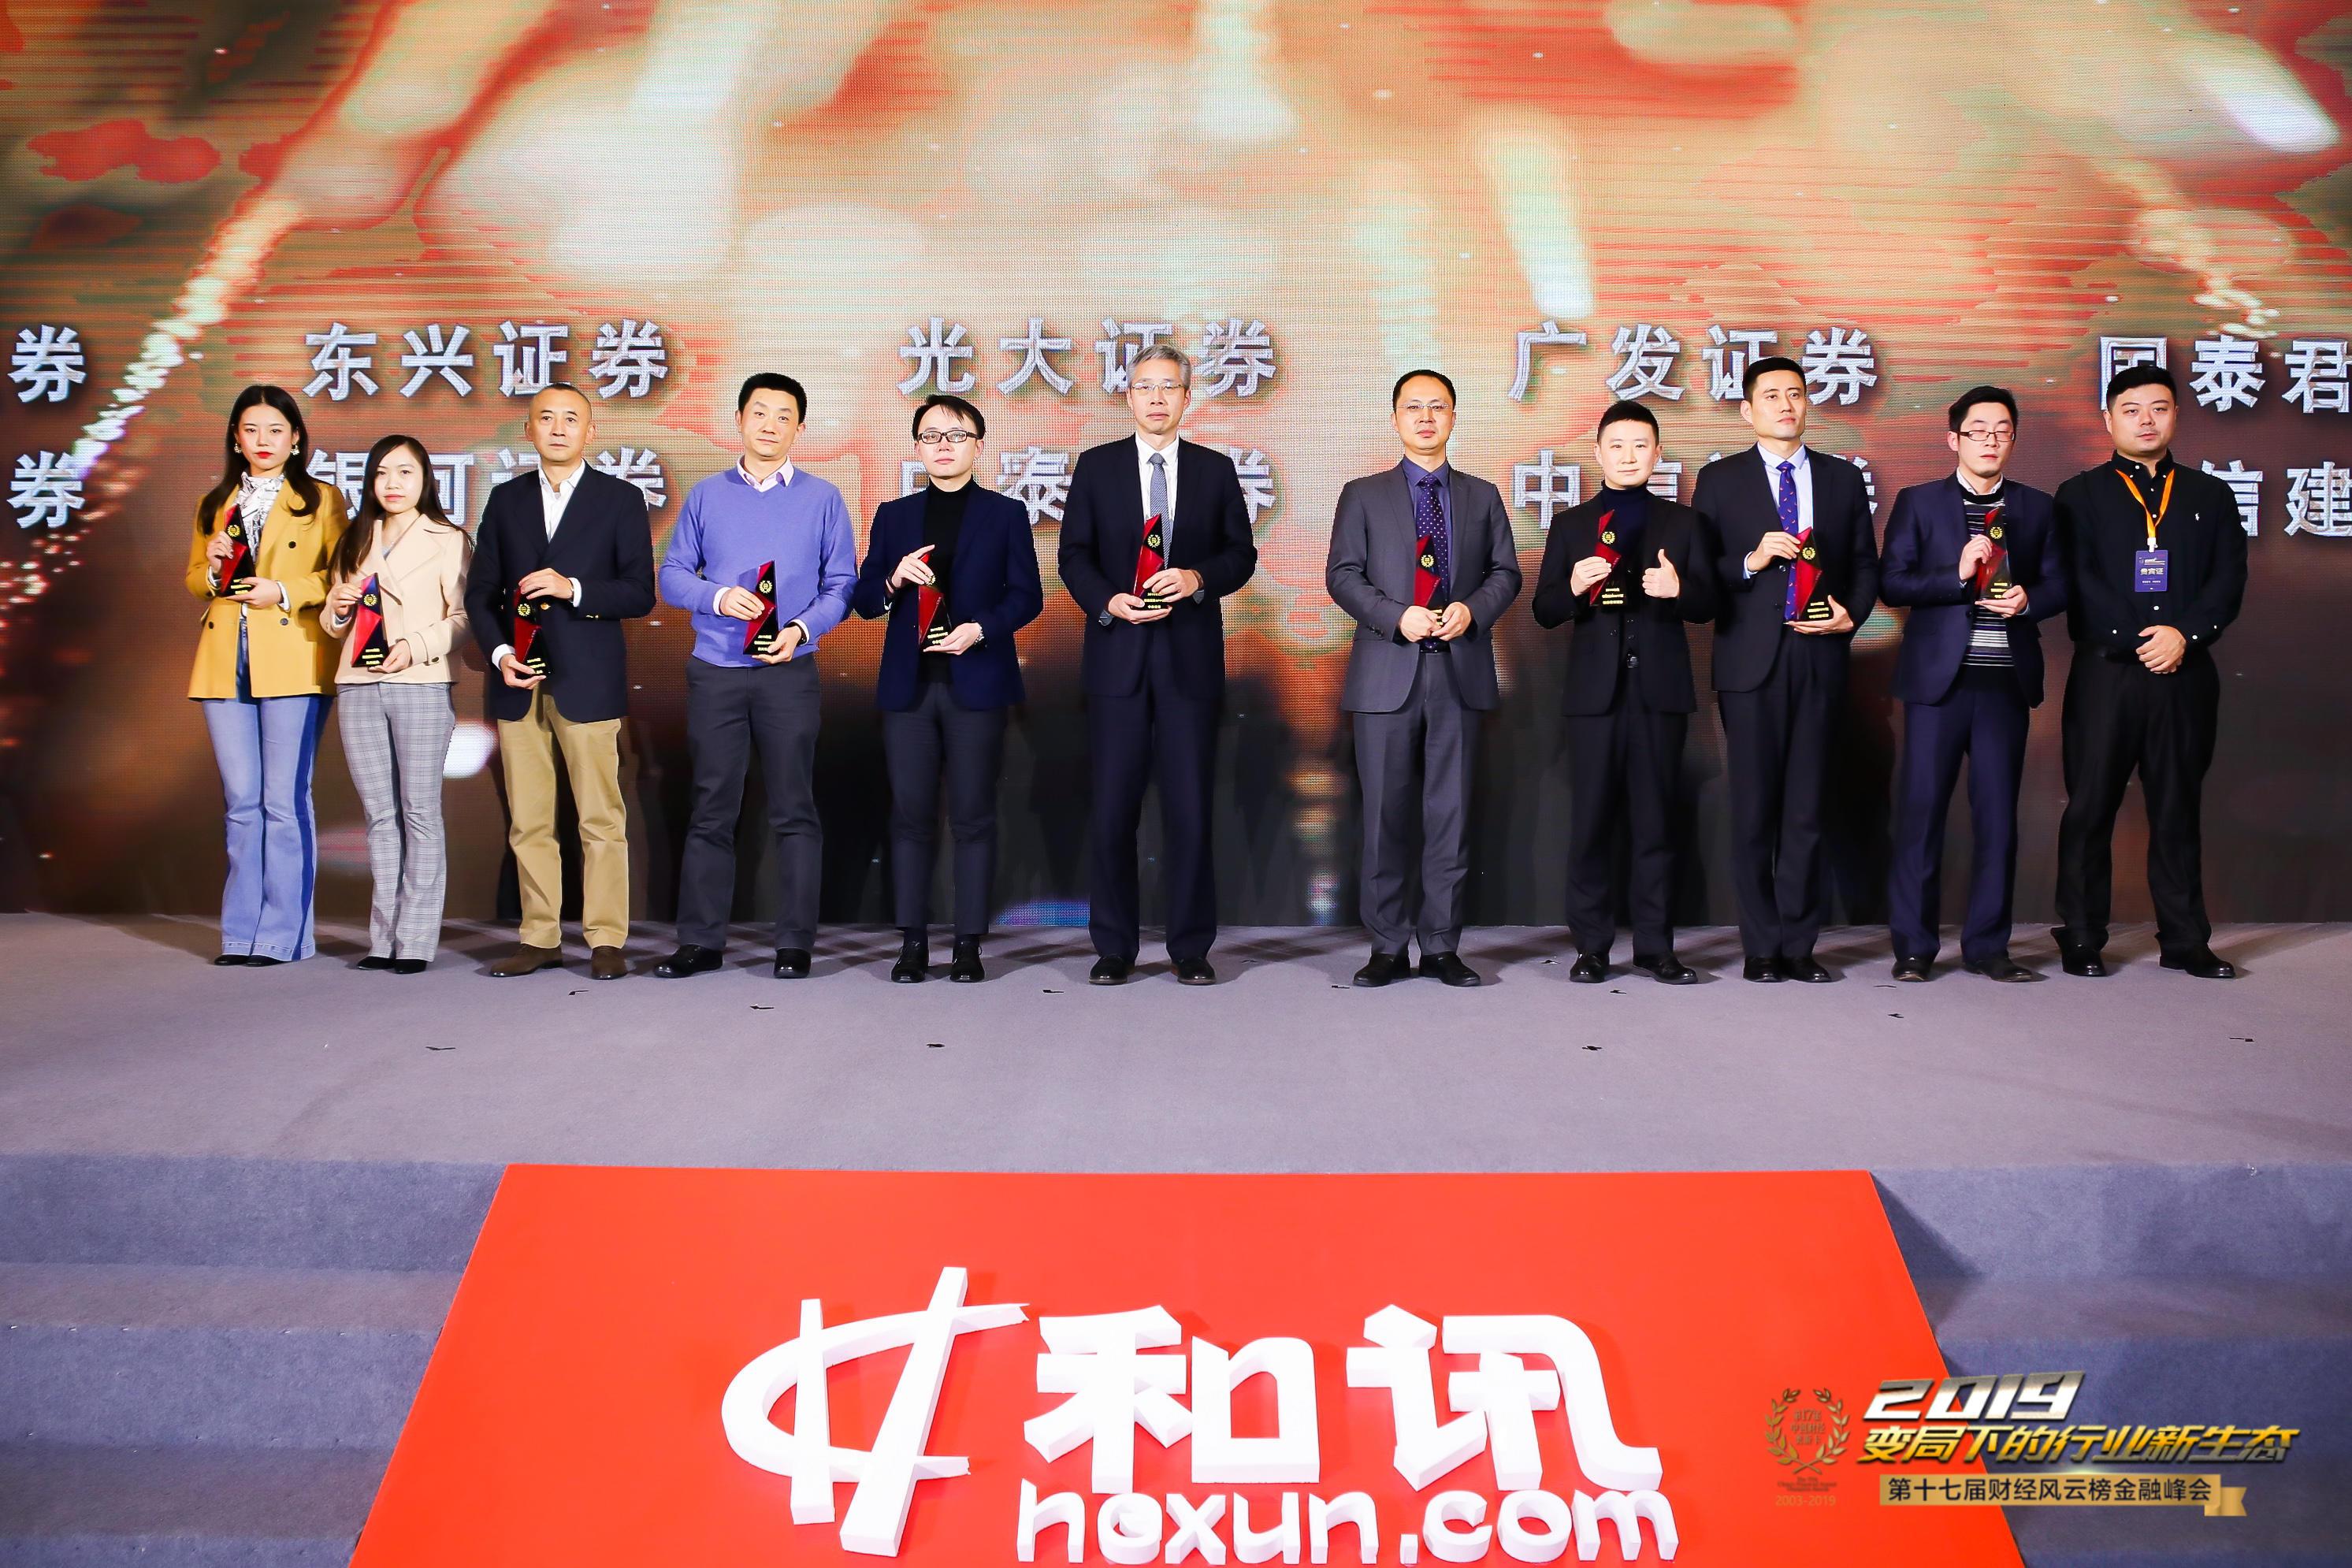 安信证券荣获和讯网第十七届中国财经风云榜券商品牌奖等三大奖项